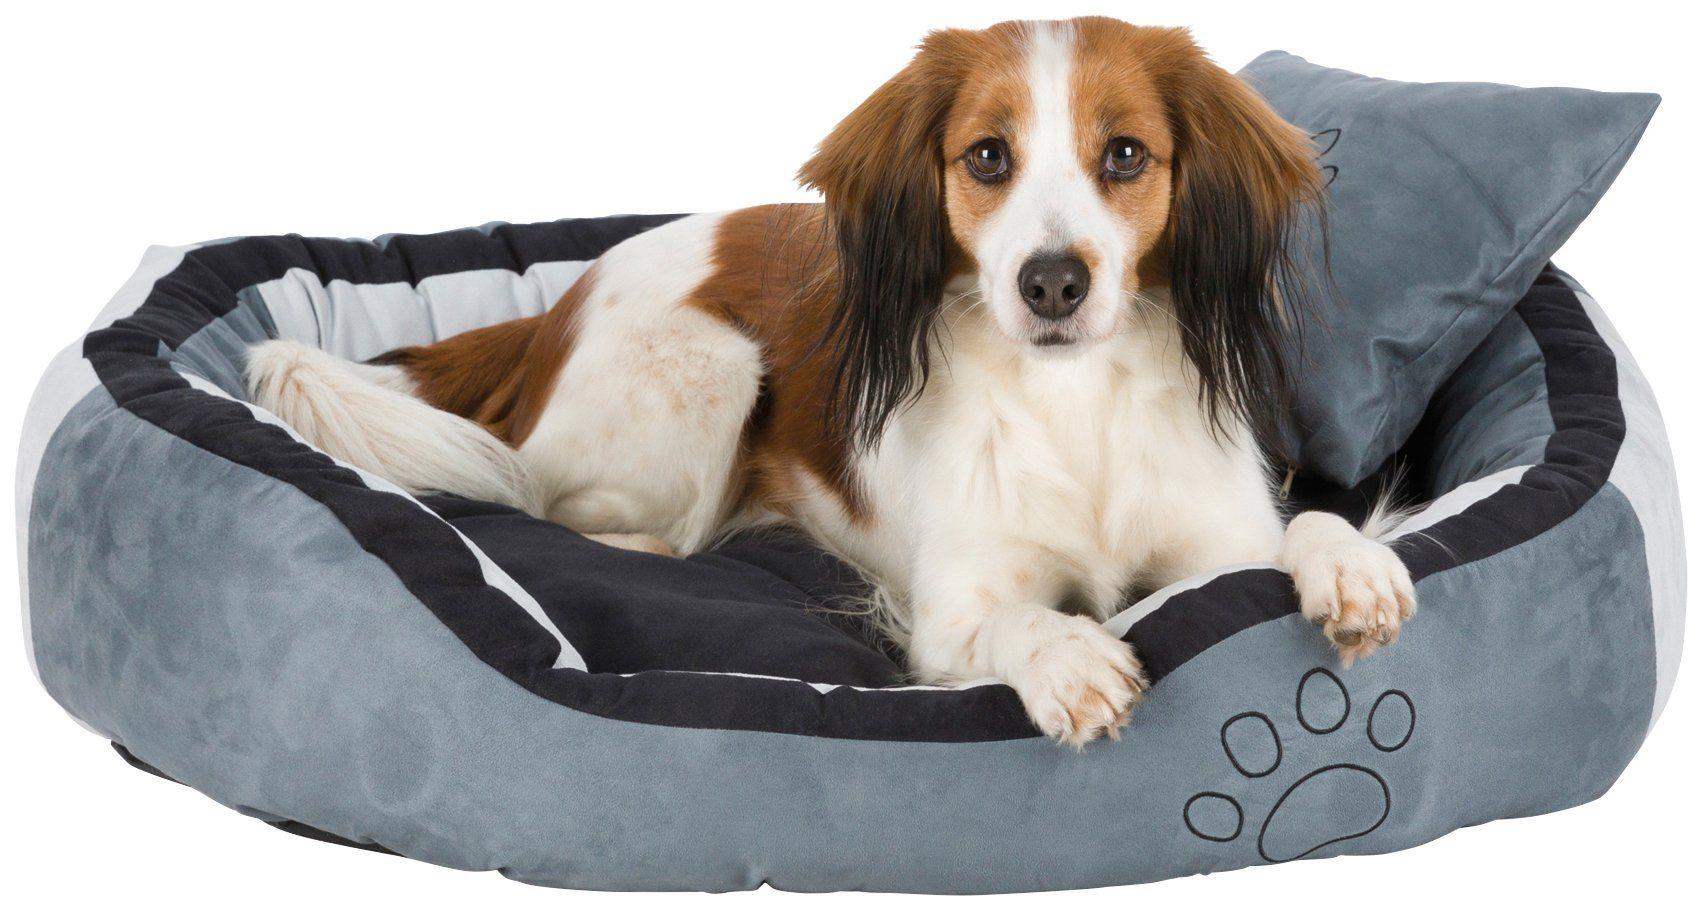 TRIXIE Hundebett und Katzenbett »Bonzo«, BxT: 120x80 cm, grau/schwarz